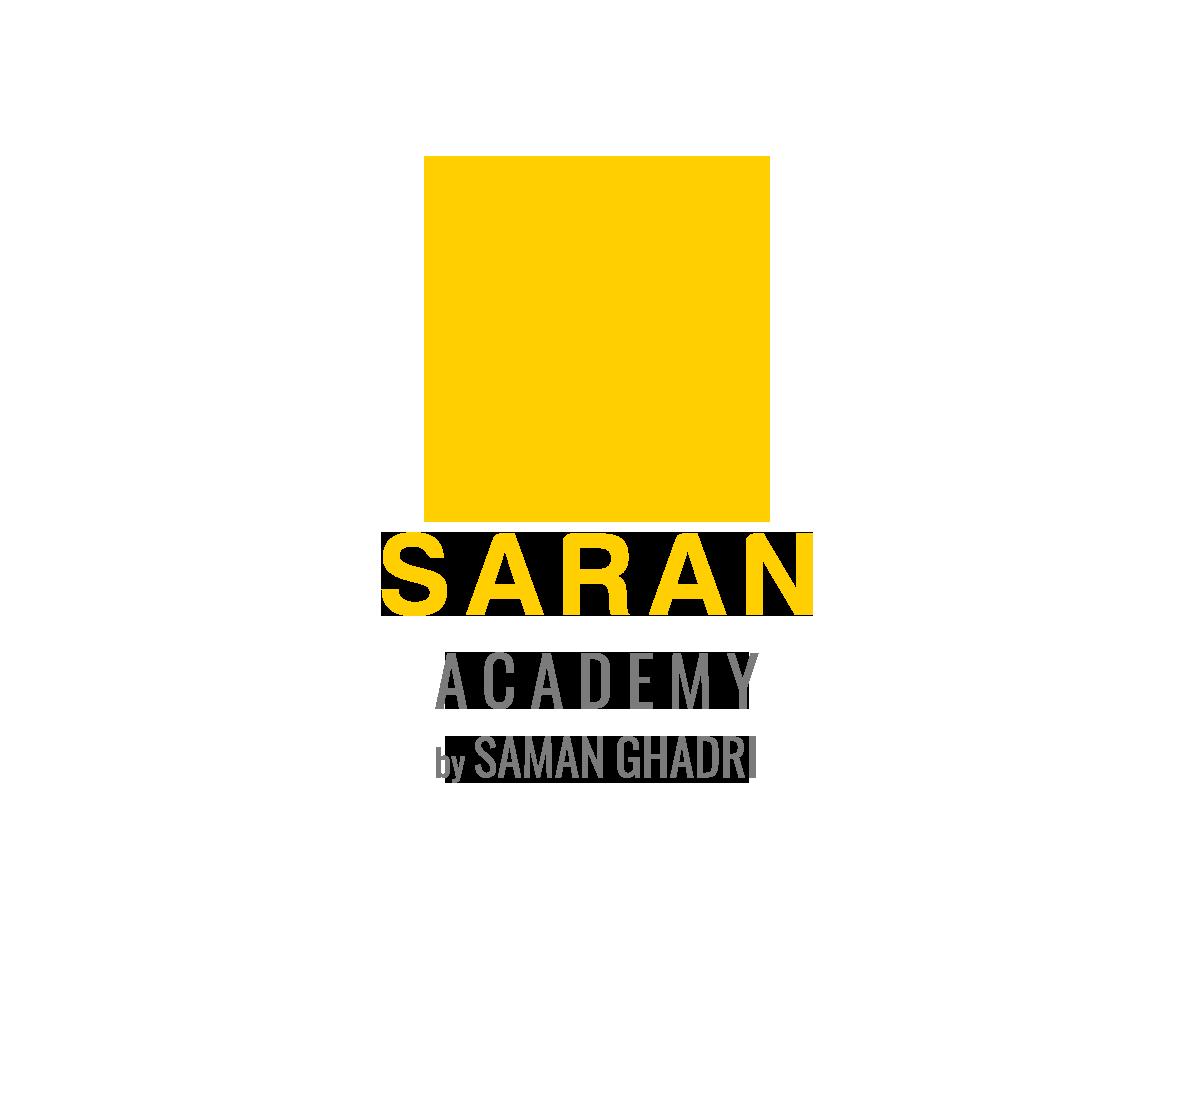 لوگو ساران آکادمی saranacademy logo